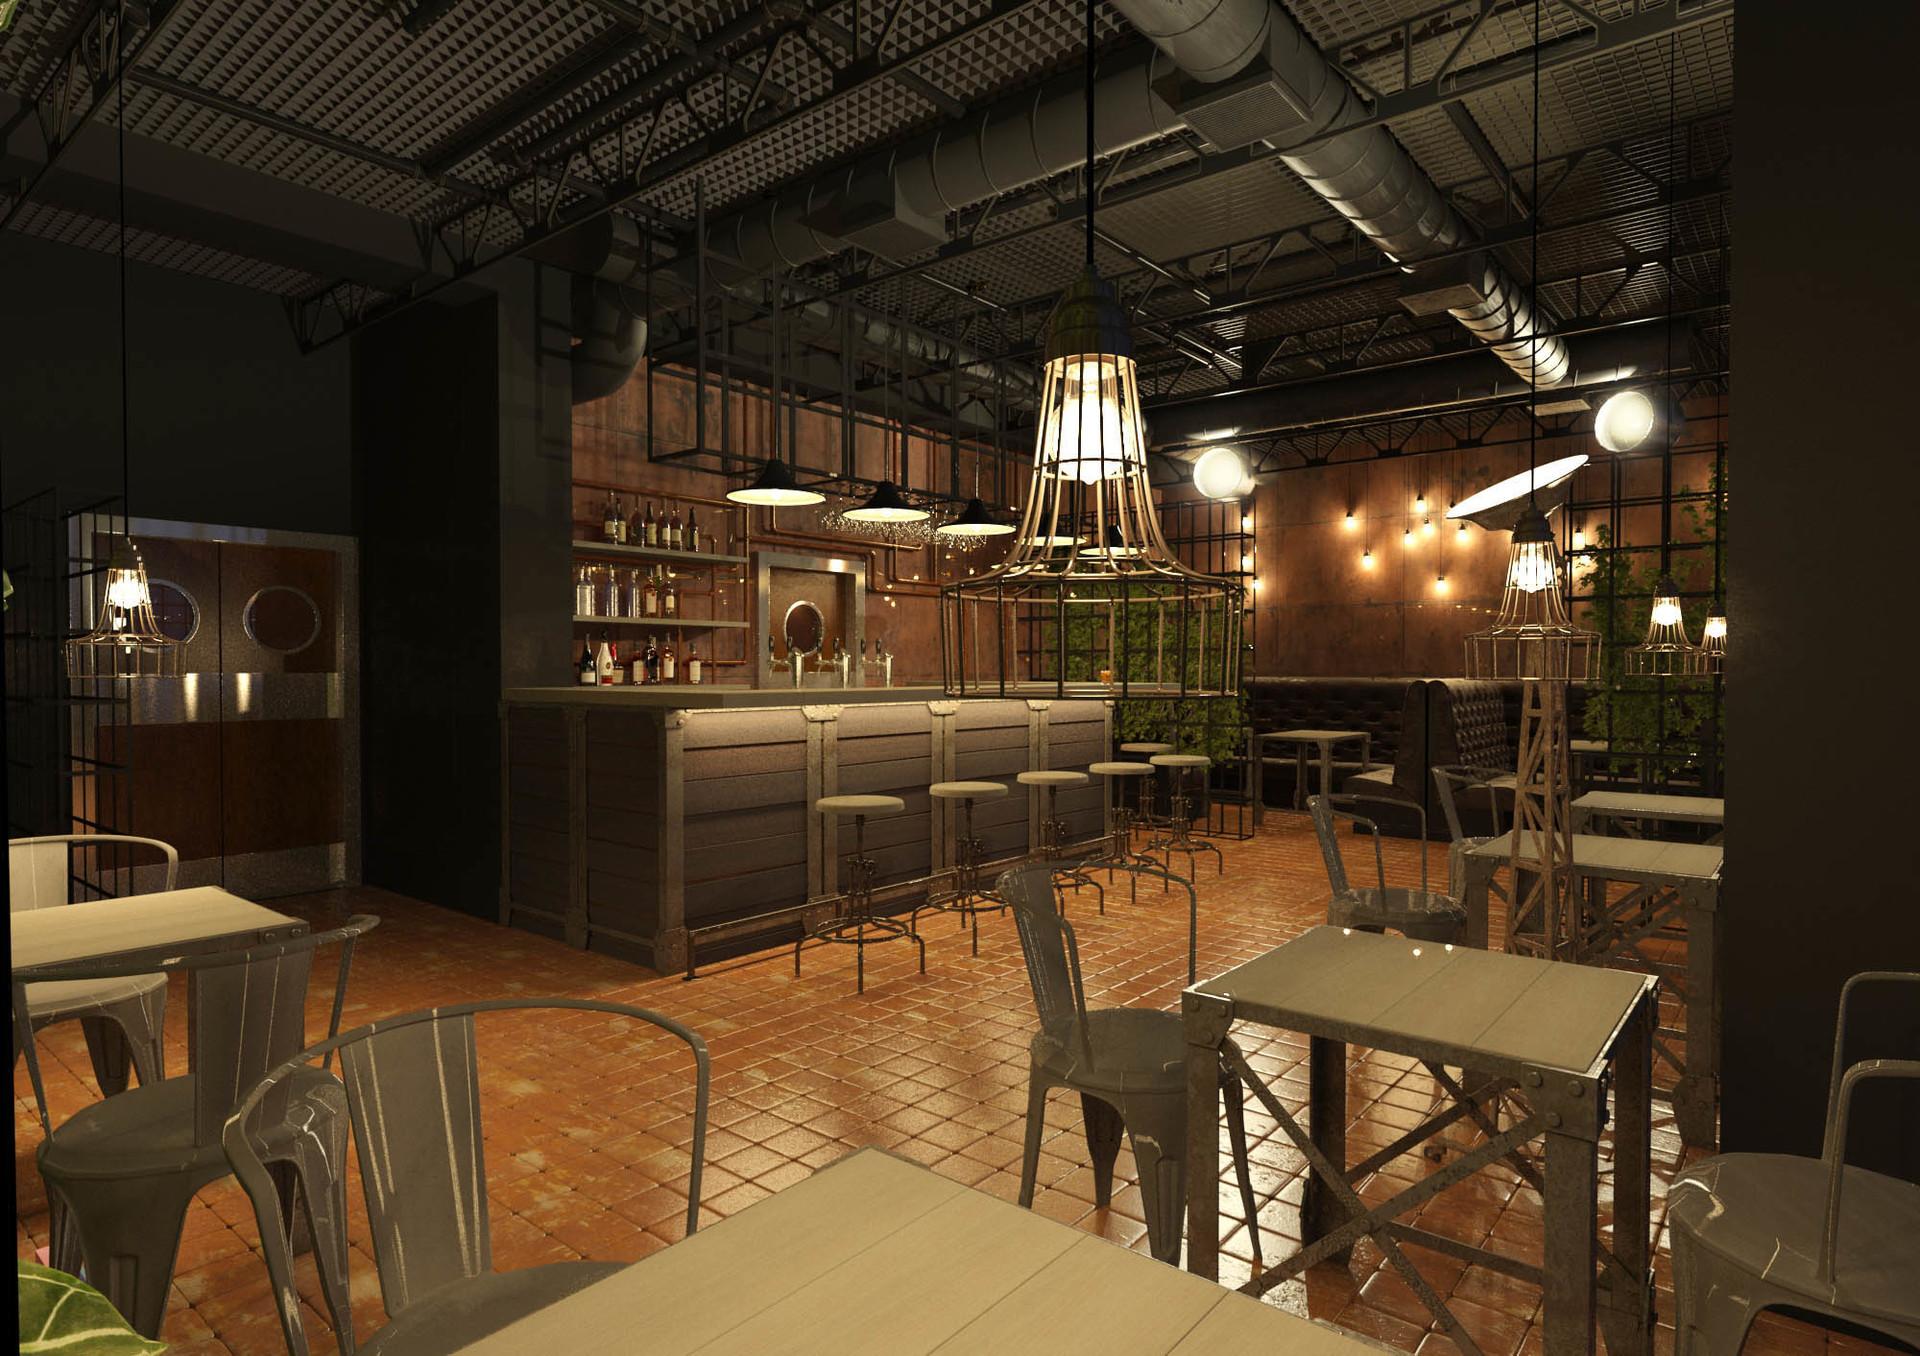 oleg mochalkin 16 1 - Как открыть кофейню в 2018 году: бизнес-план с расчетами